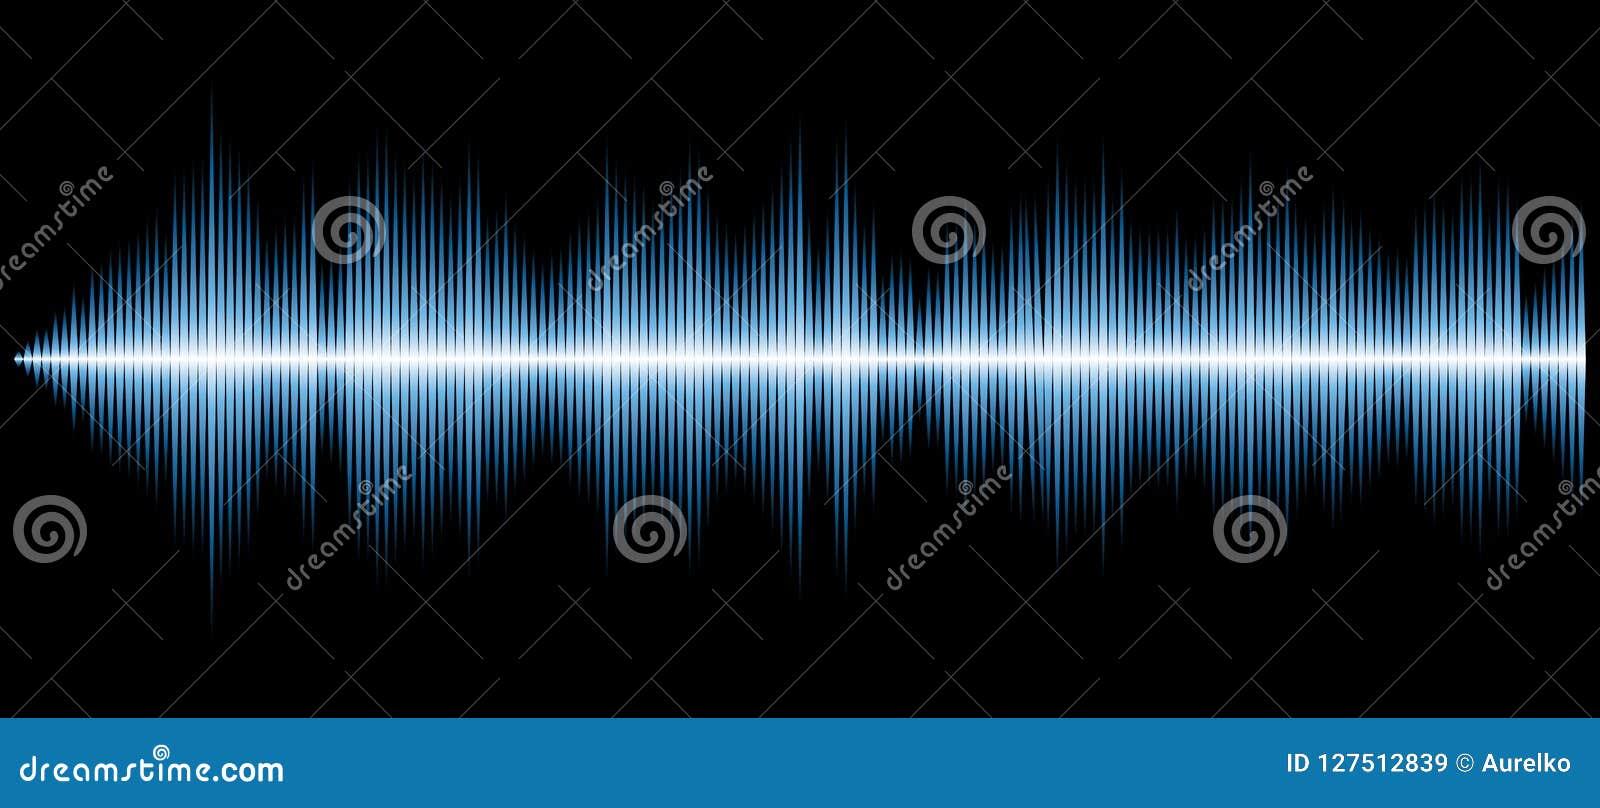 Azul del diagrama de los sonidos